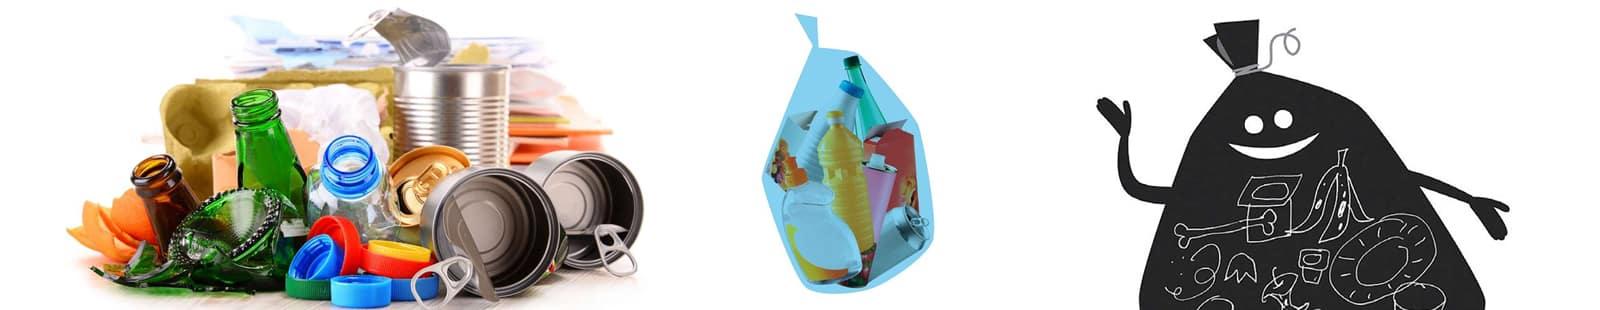 Distribution de sacs de tri bleus et translucides